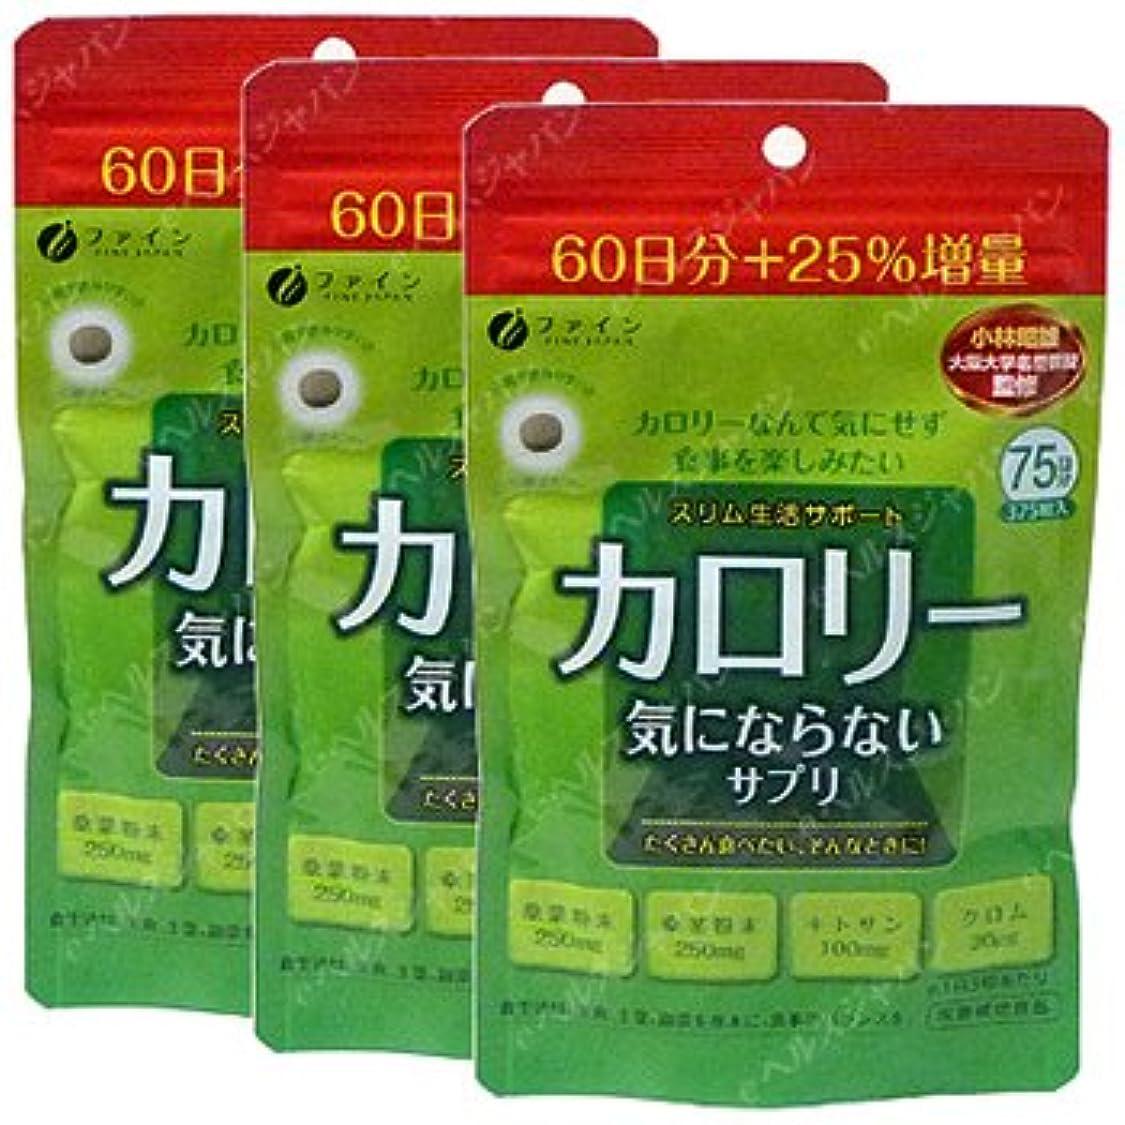 率直なサンダース熟すカロリー気にならない60回分+25%増量【3袋セット】ファイン